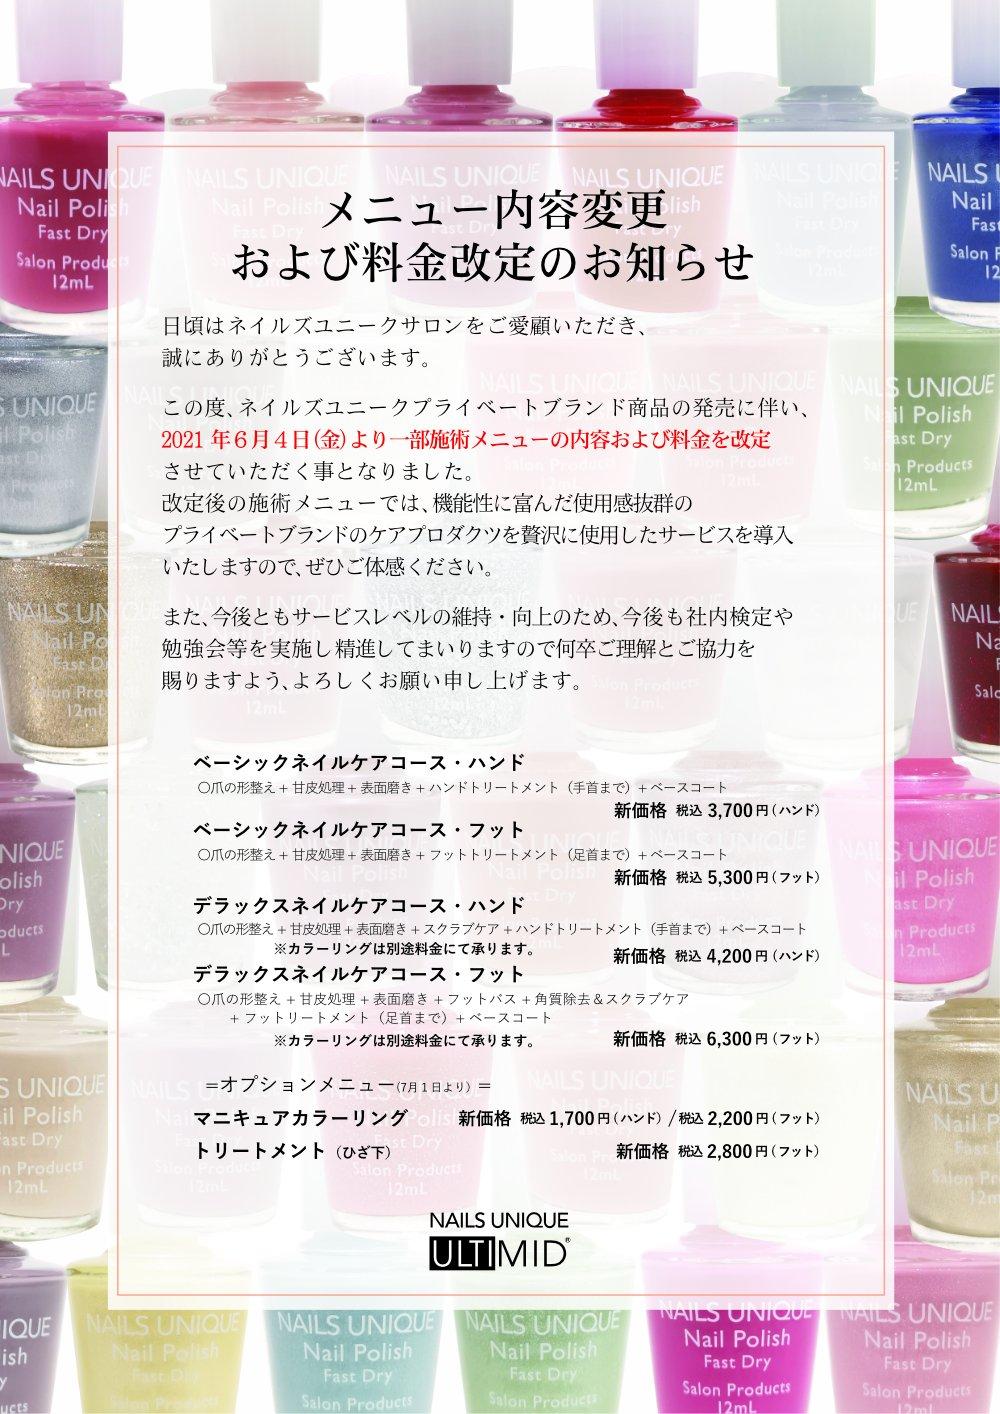 【先行店舗用】価格改定のお知らせPB-ULTIMID.jpg